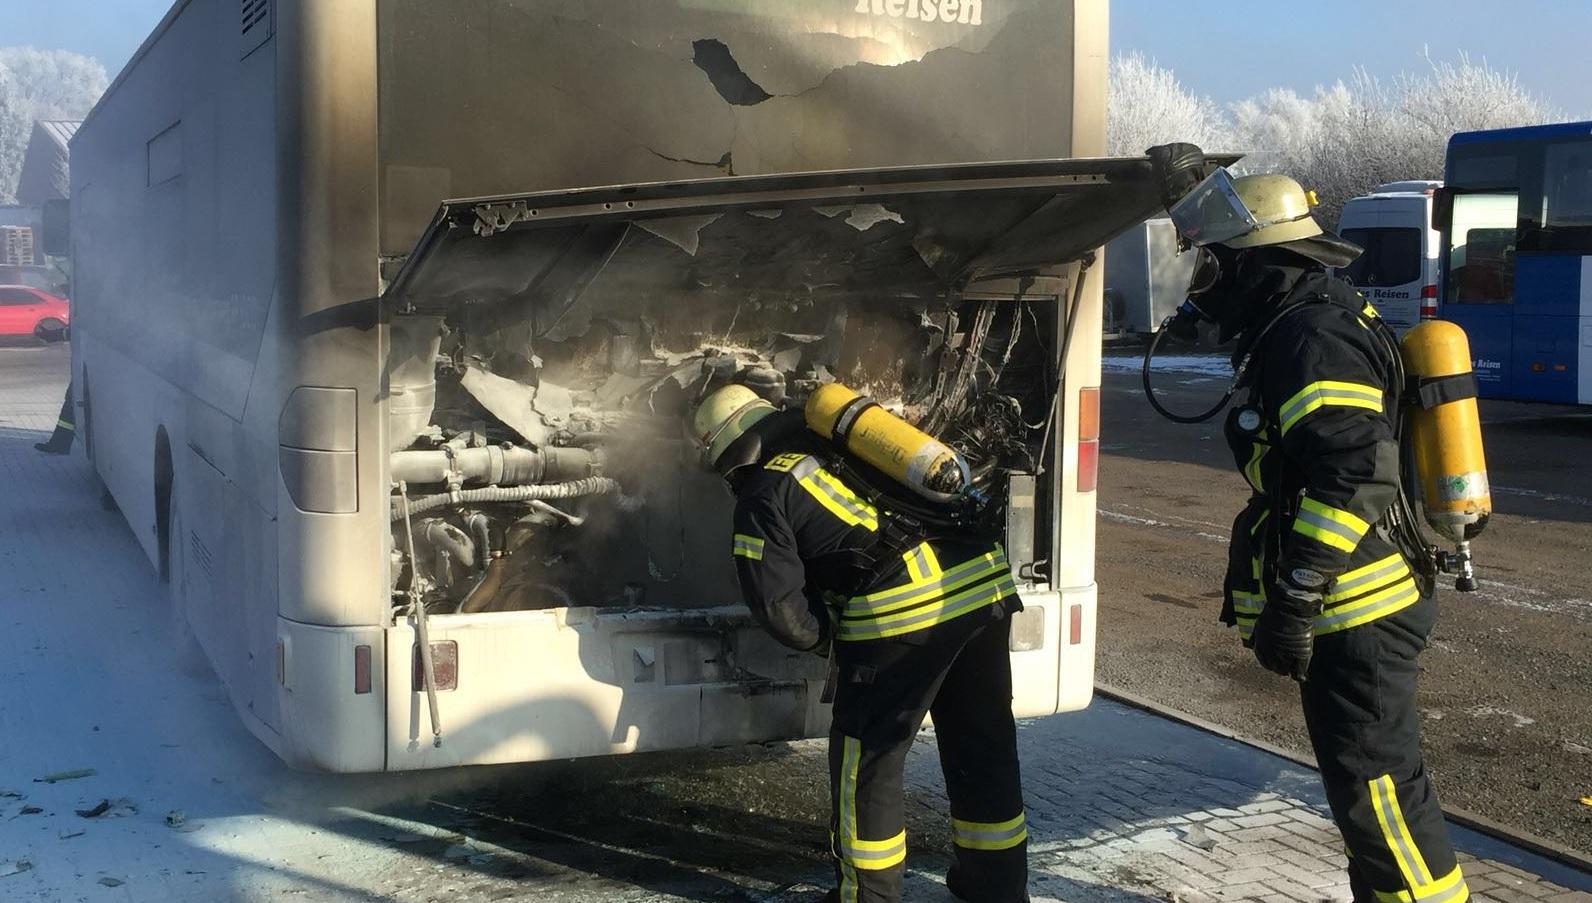 Am 21.01.2016 um 11:59 Uhr – Fahrzeugbrand klein / Brennt Bus